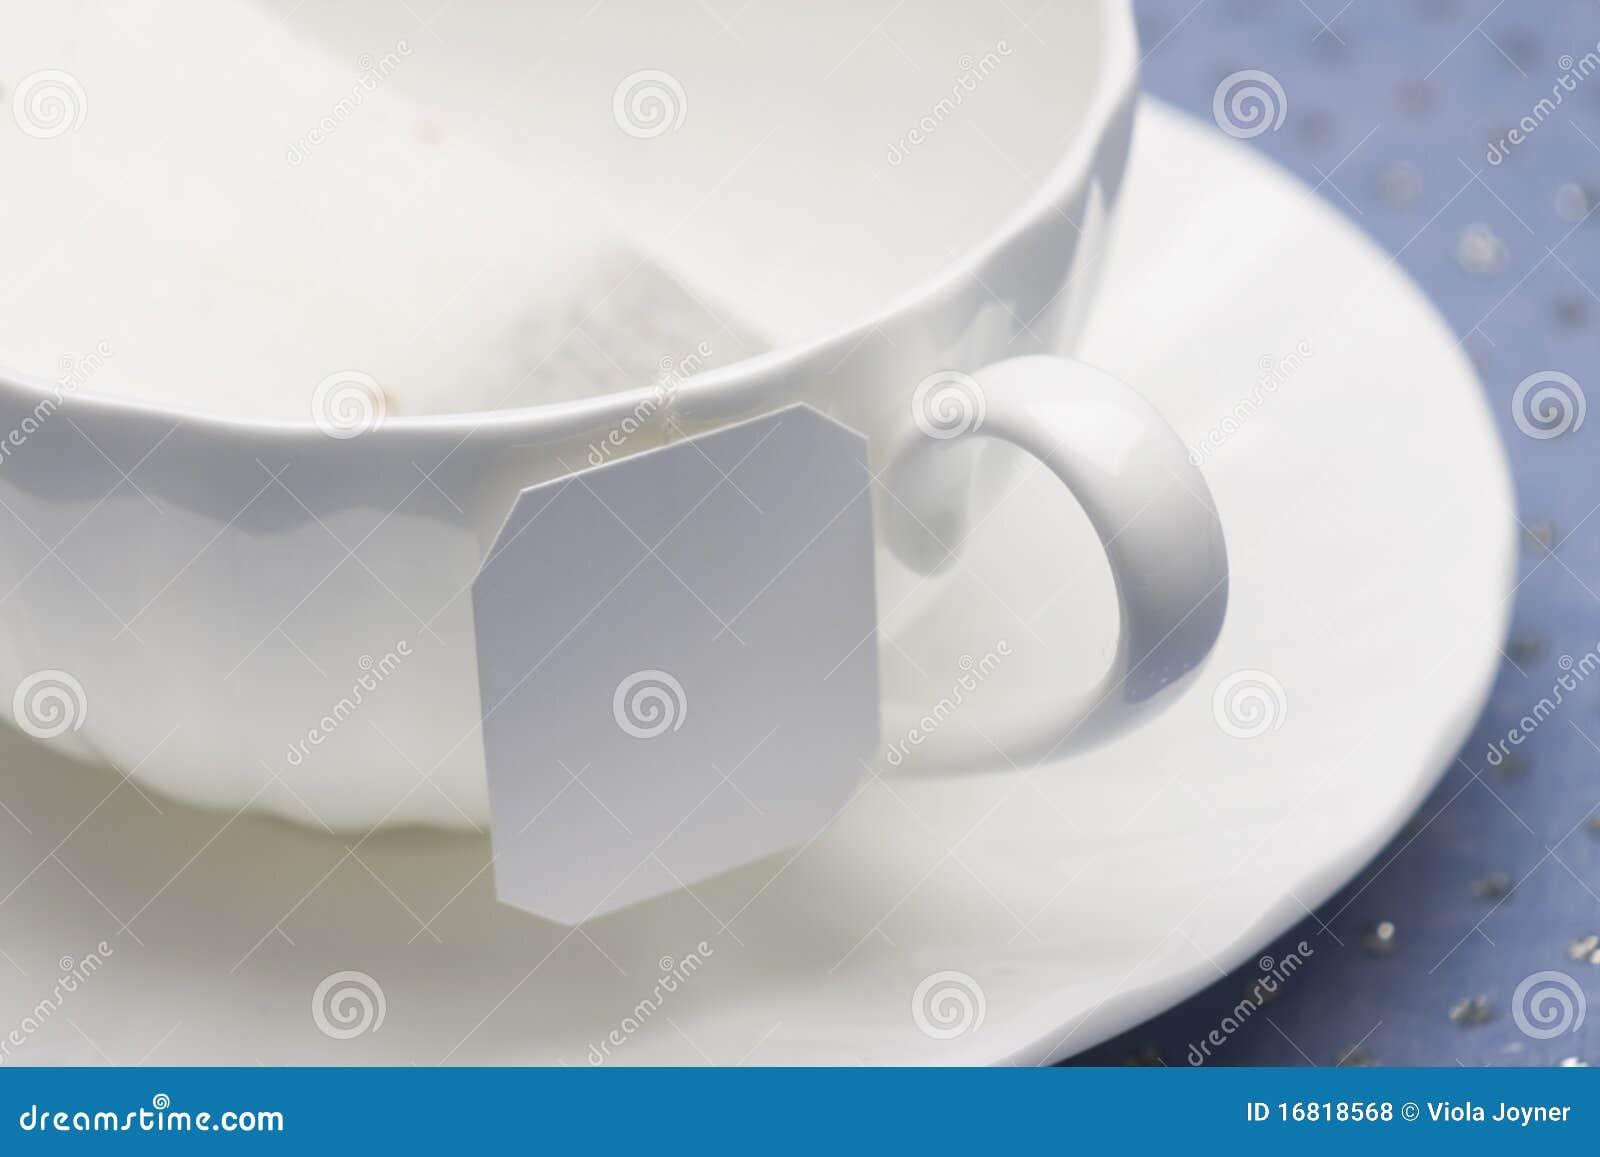 White China Tea Cup